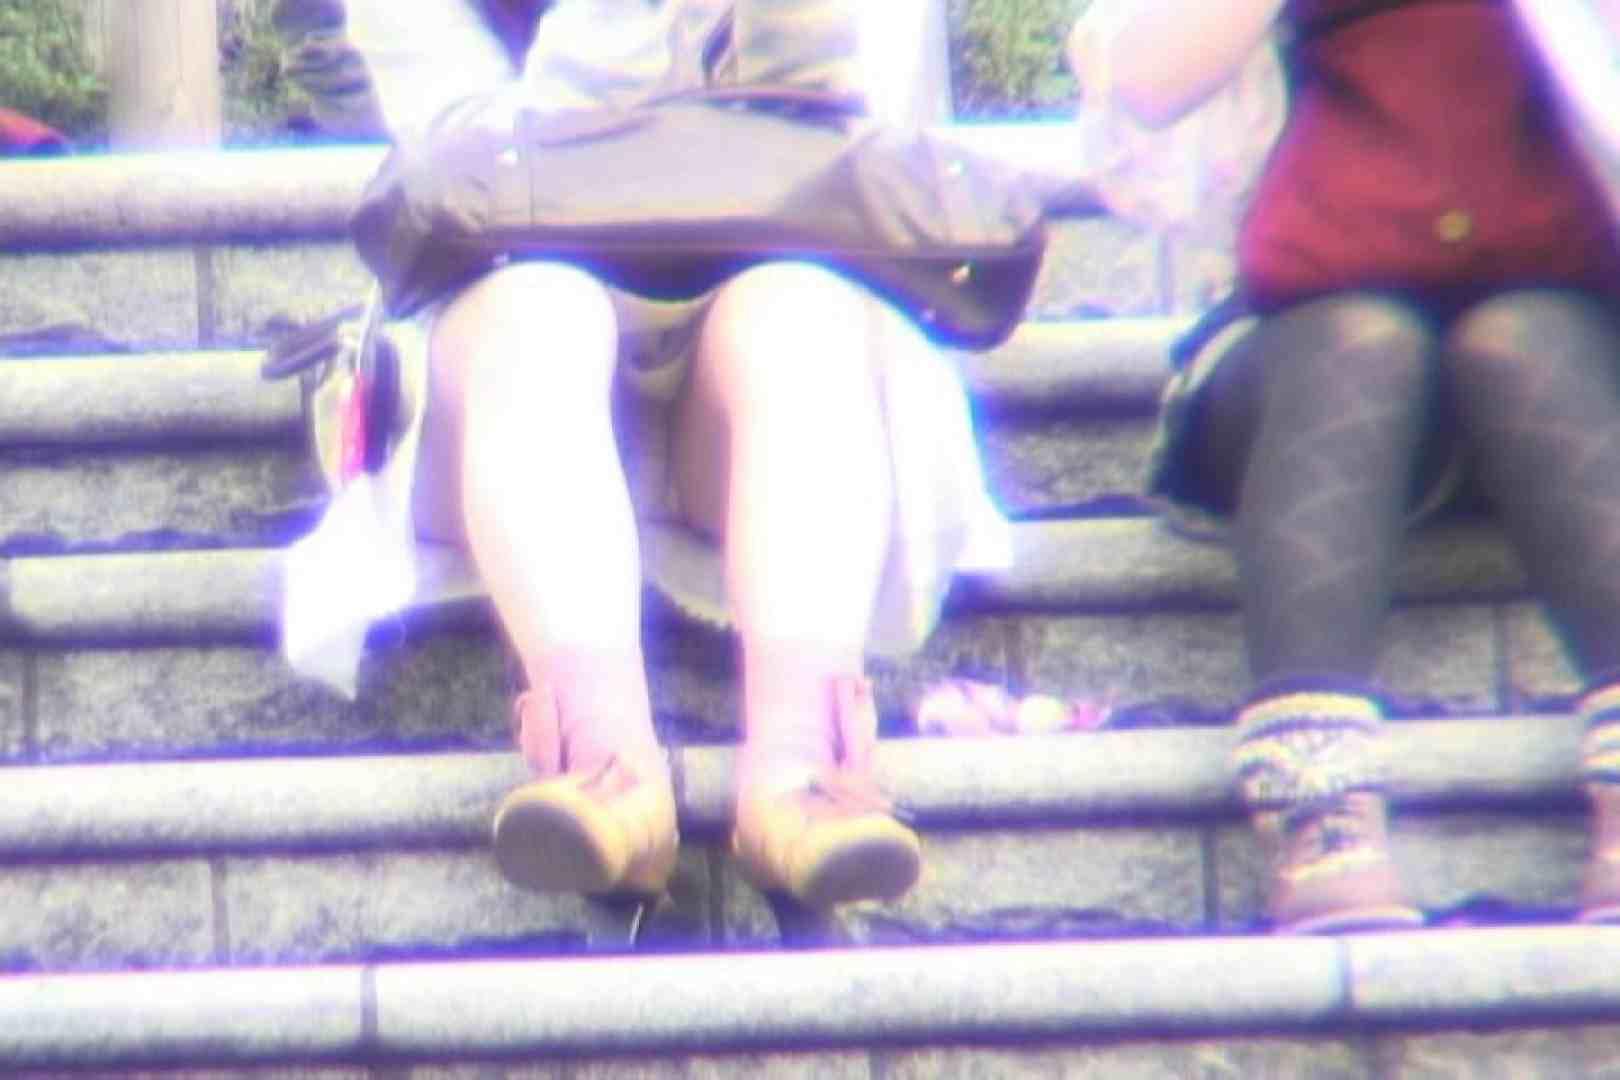 超最新版!春夏秋冬 vol.04 望遠 盗撮動画紹介 98pic 10